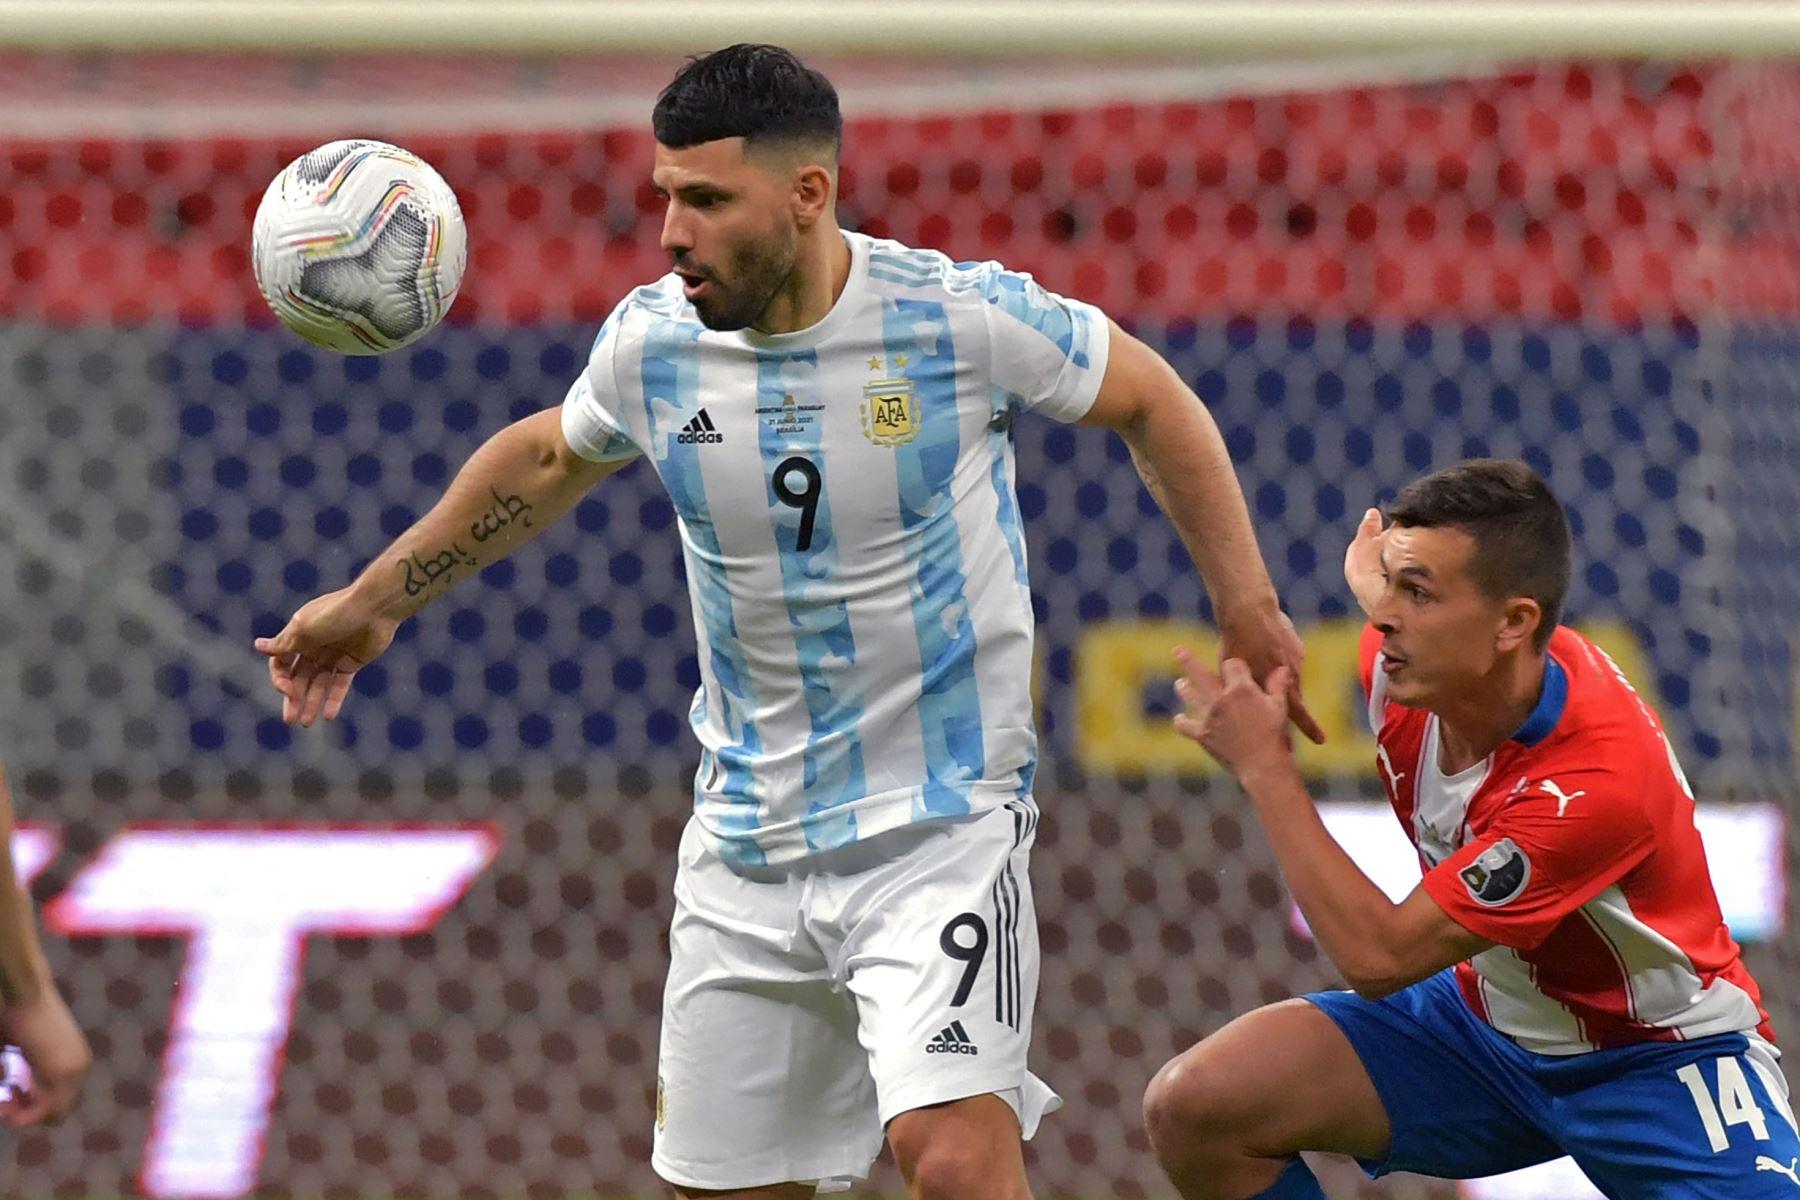 El argentino Sergio Agüero y el paraguayo Andrés Cubas compiten por el balón durante el partido de la fase de grupos del torneo de fútbol Conmebol Copa América 2021 en el estadio Mane Garrincha de Brasilia. Foto:  AFP